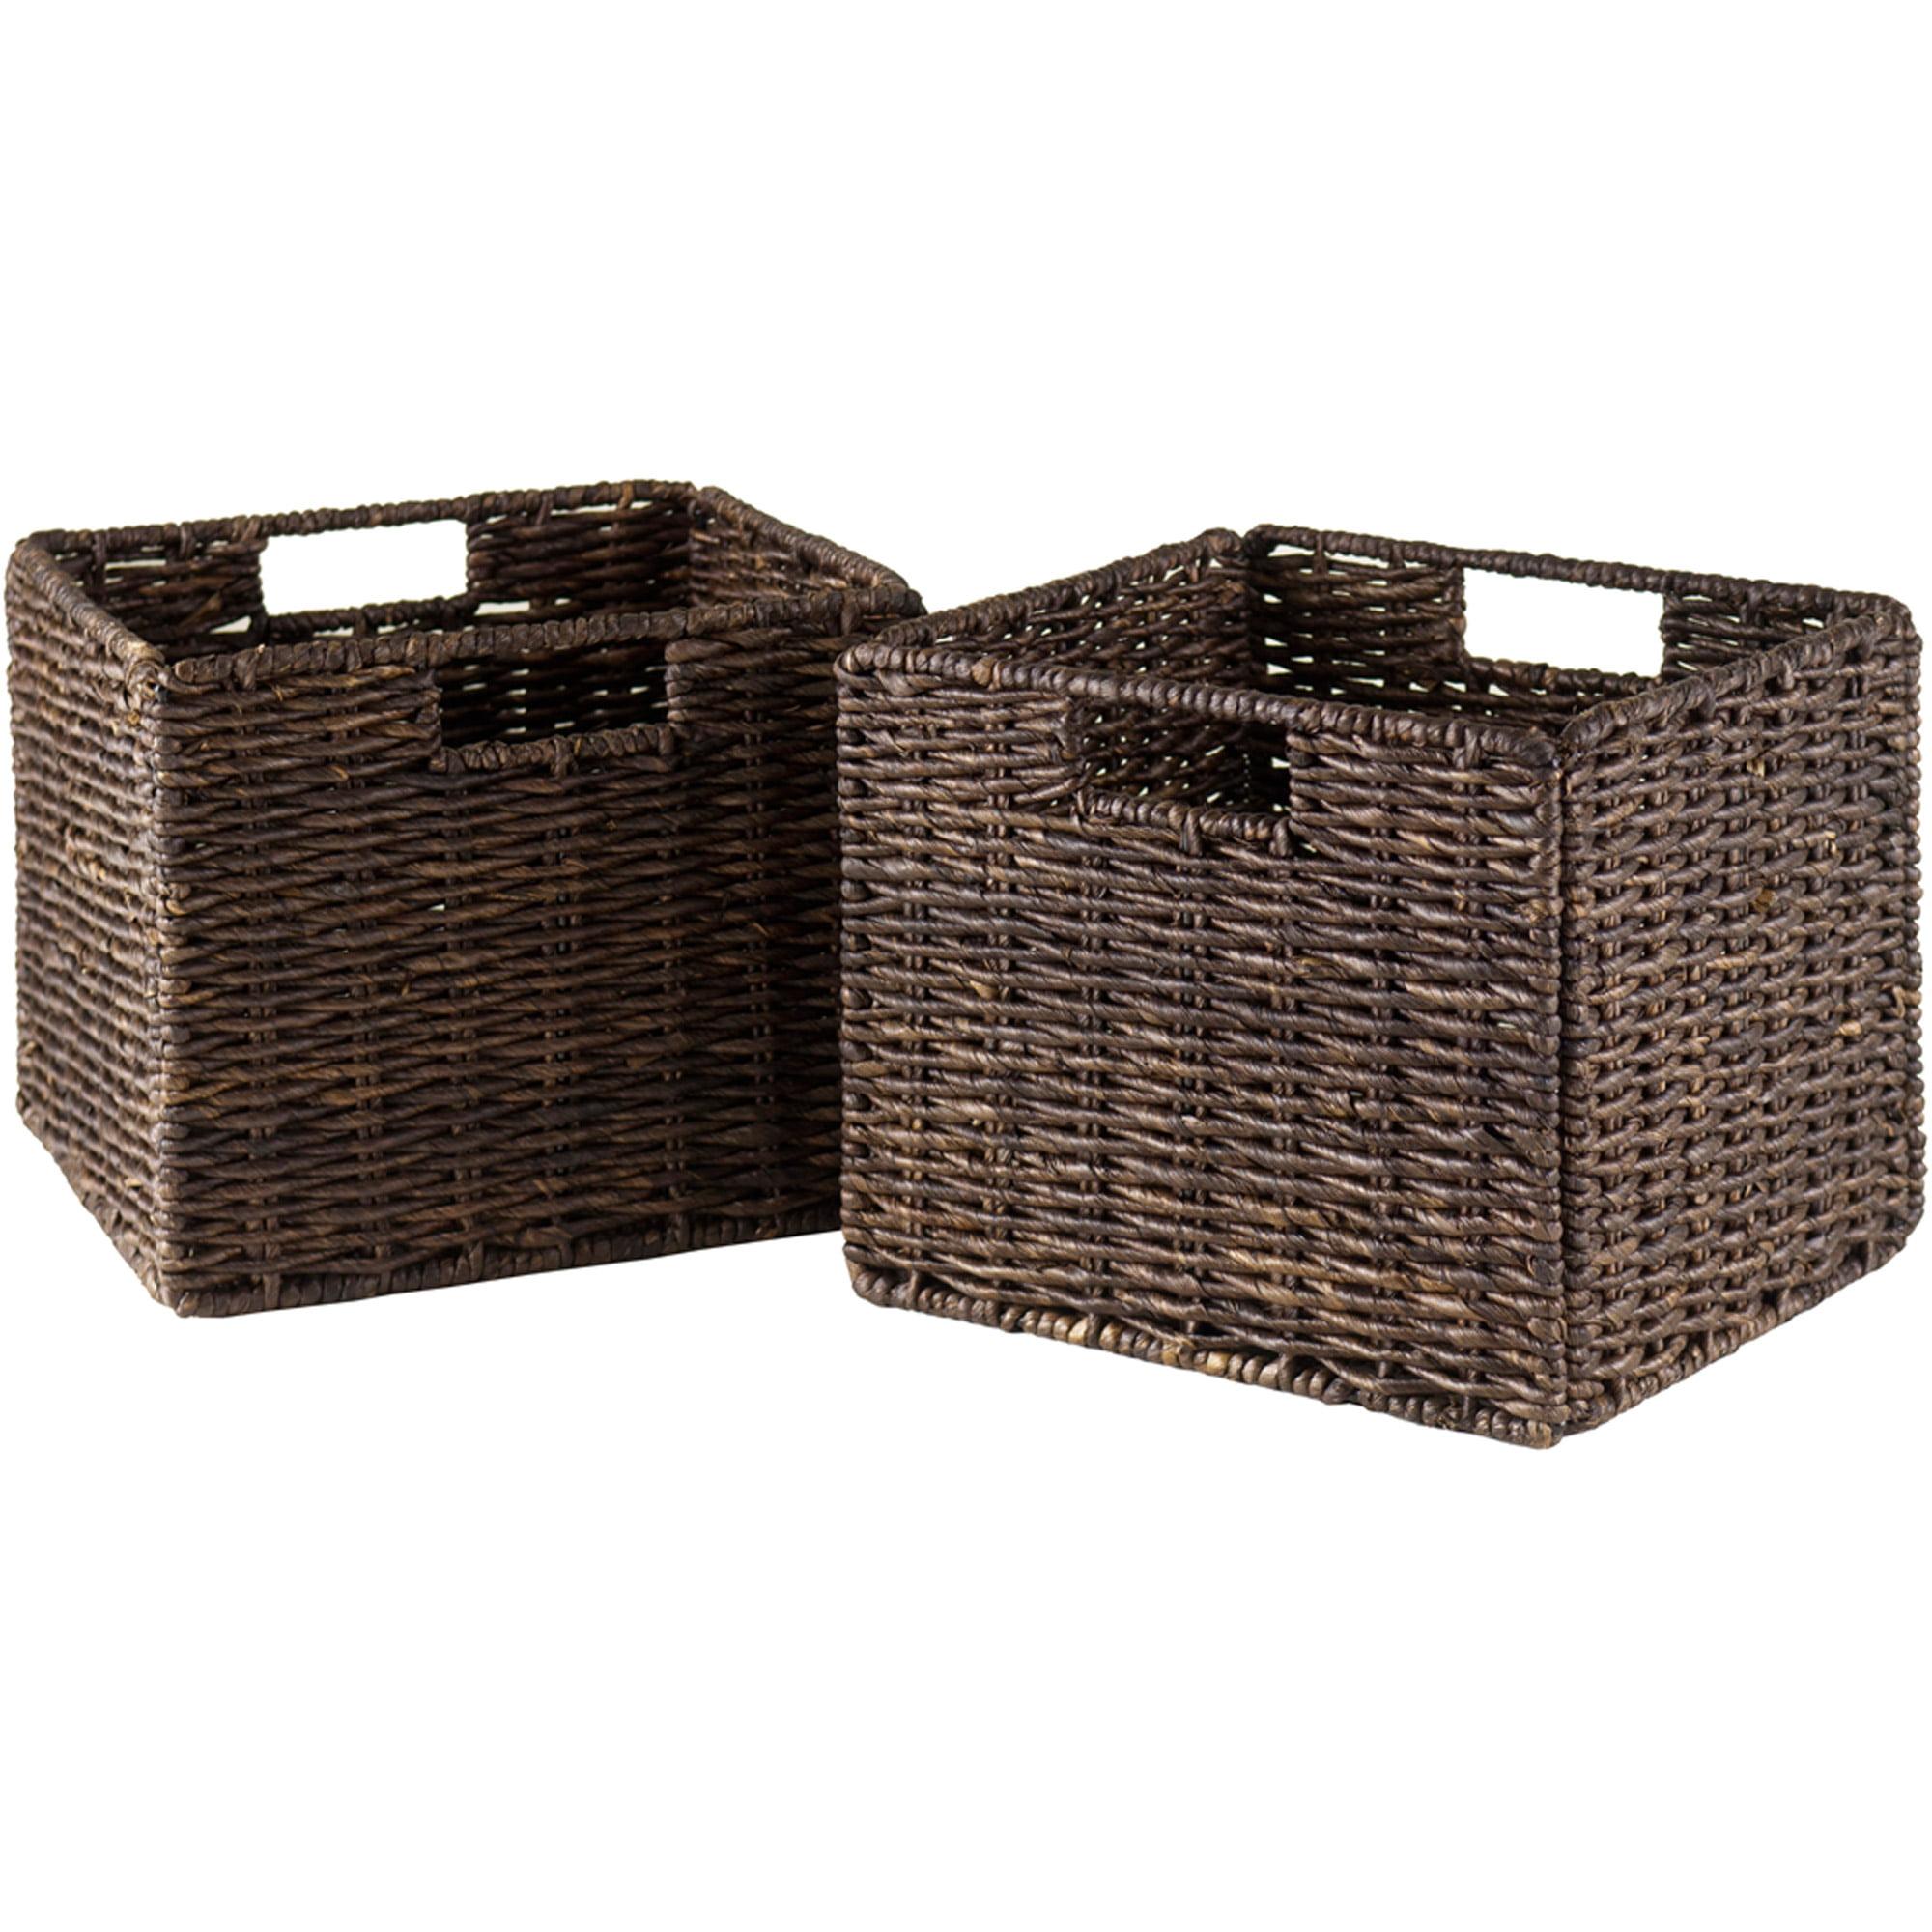 Granville Foldable Corn Husk Baskets, Set of 2, 3 or 4